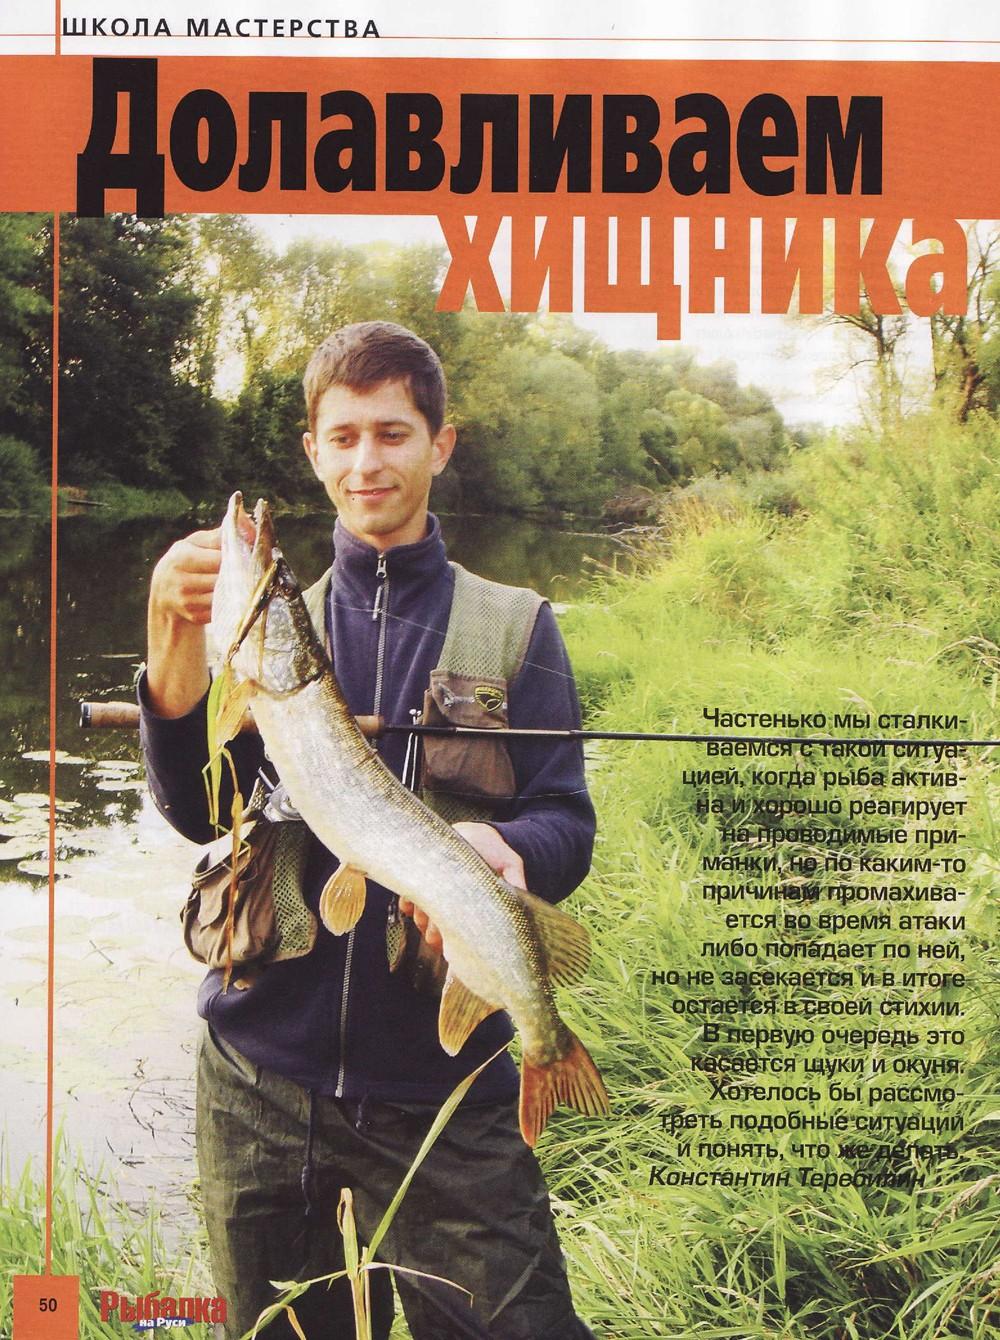 Djvu рыбалка